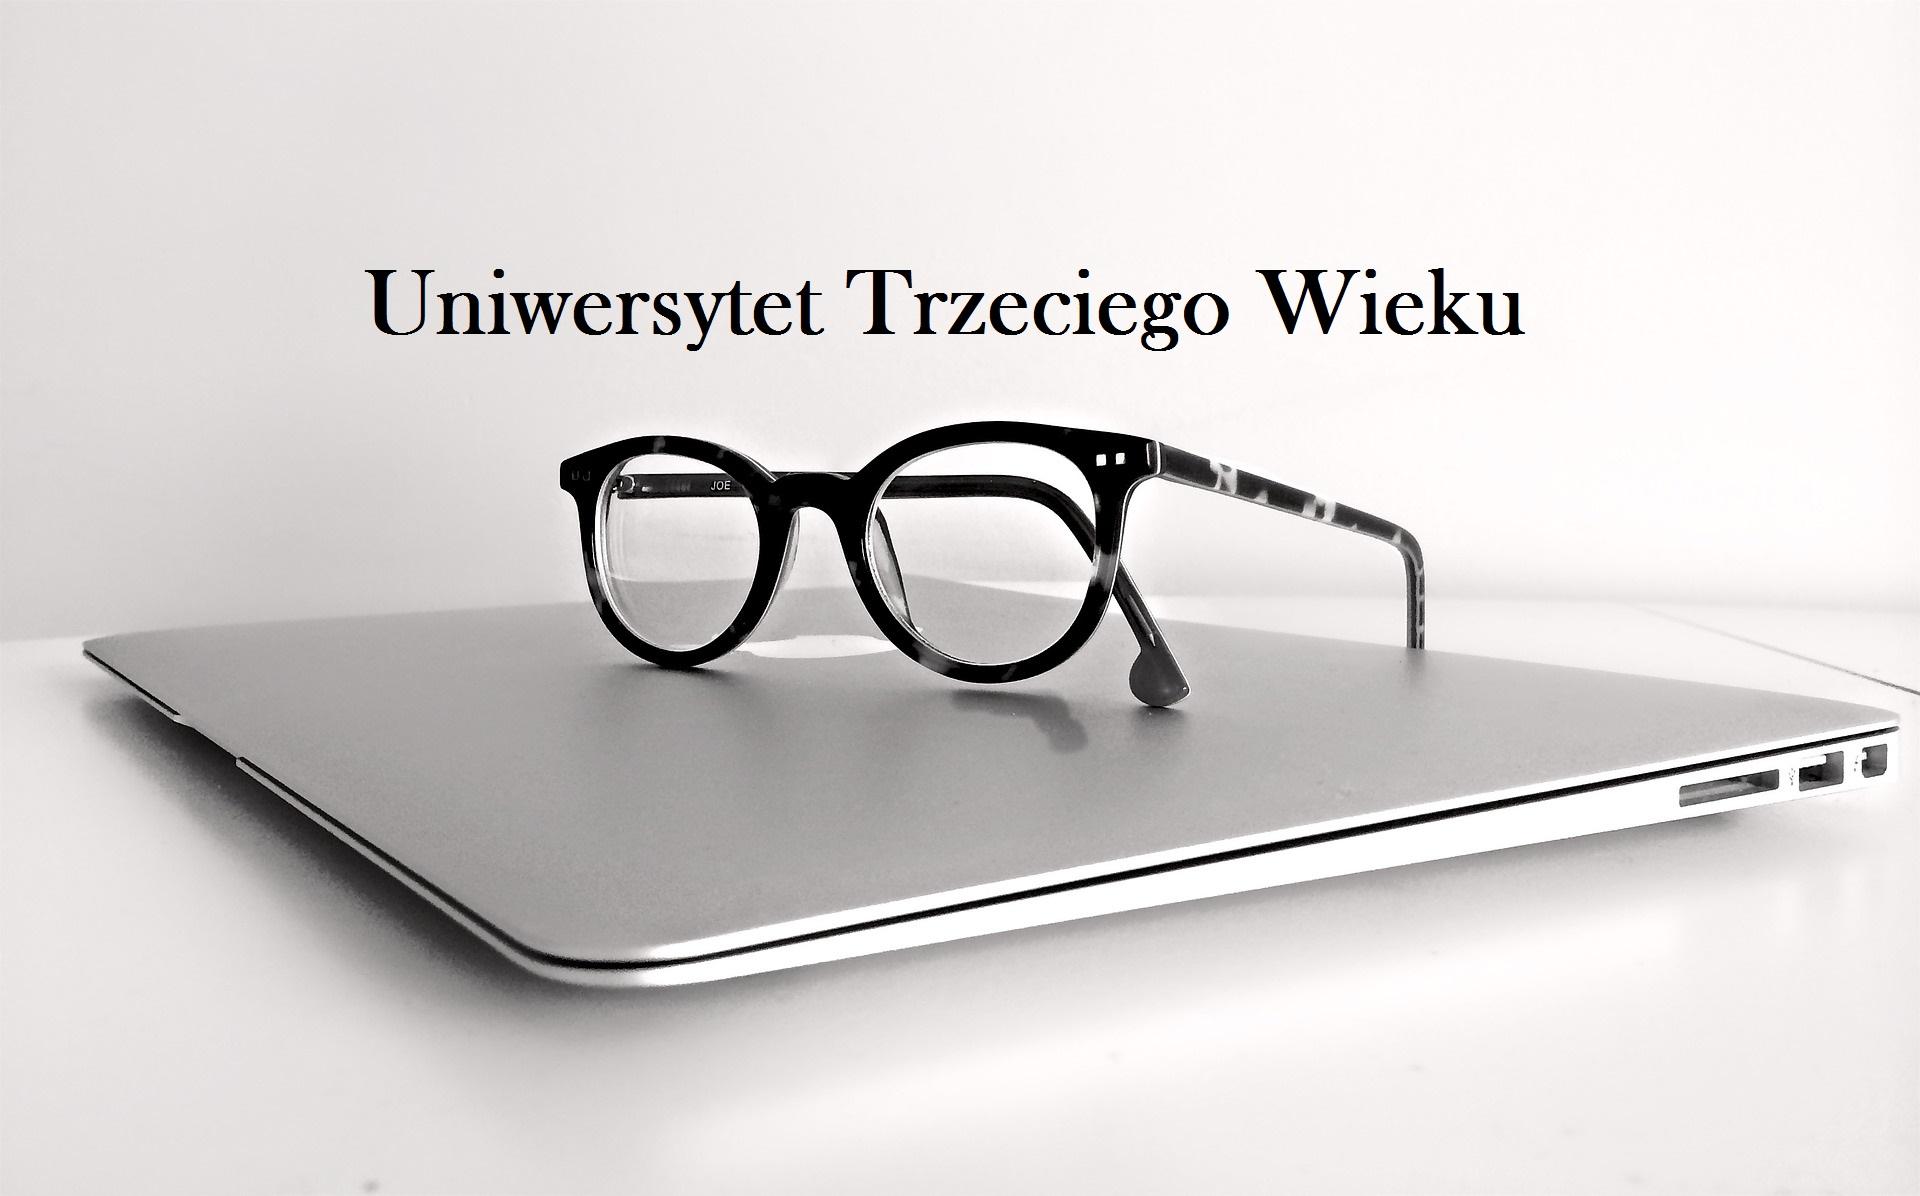 macbook_utw